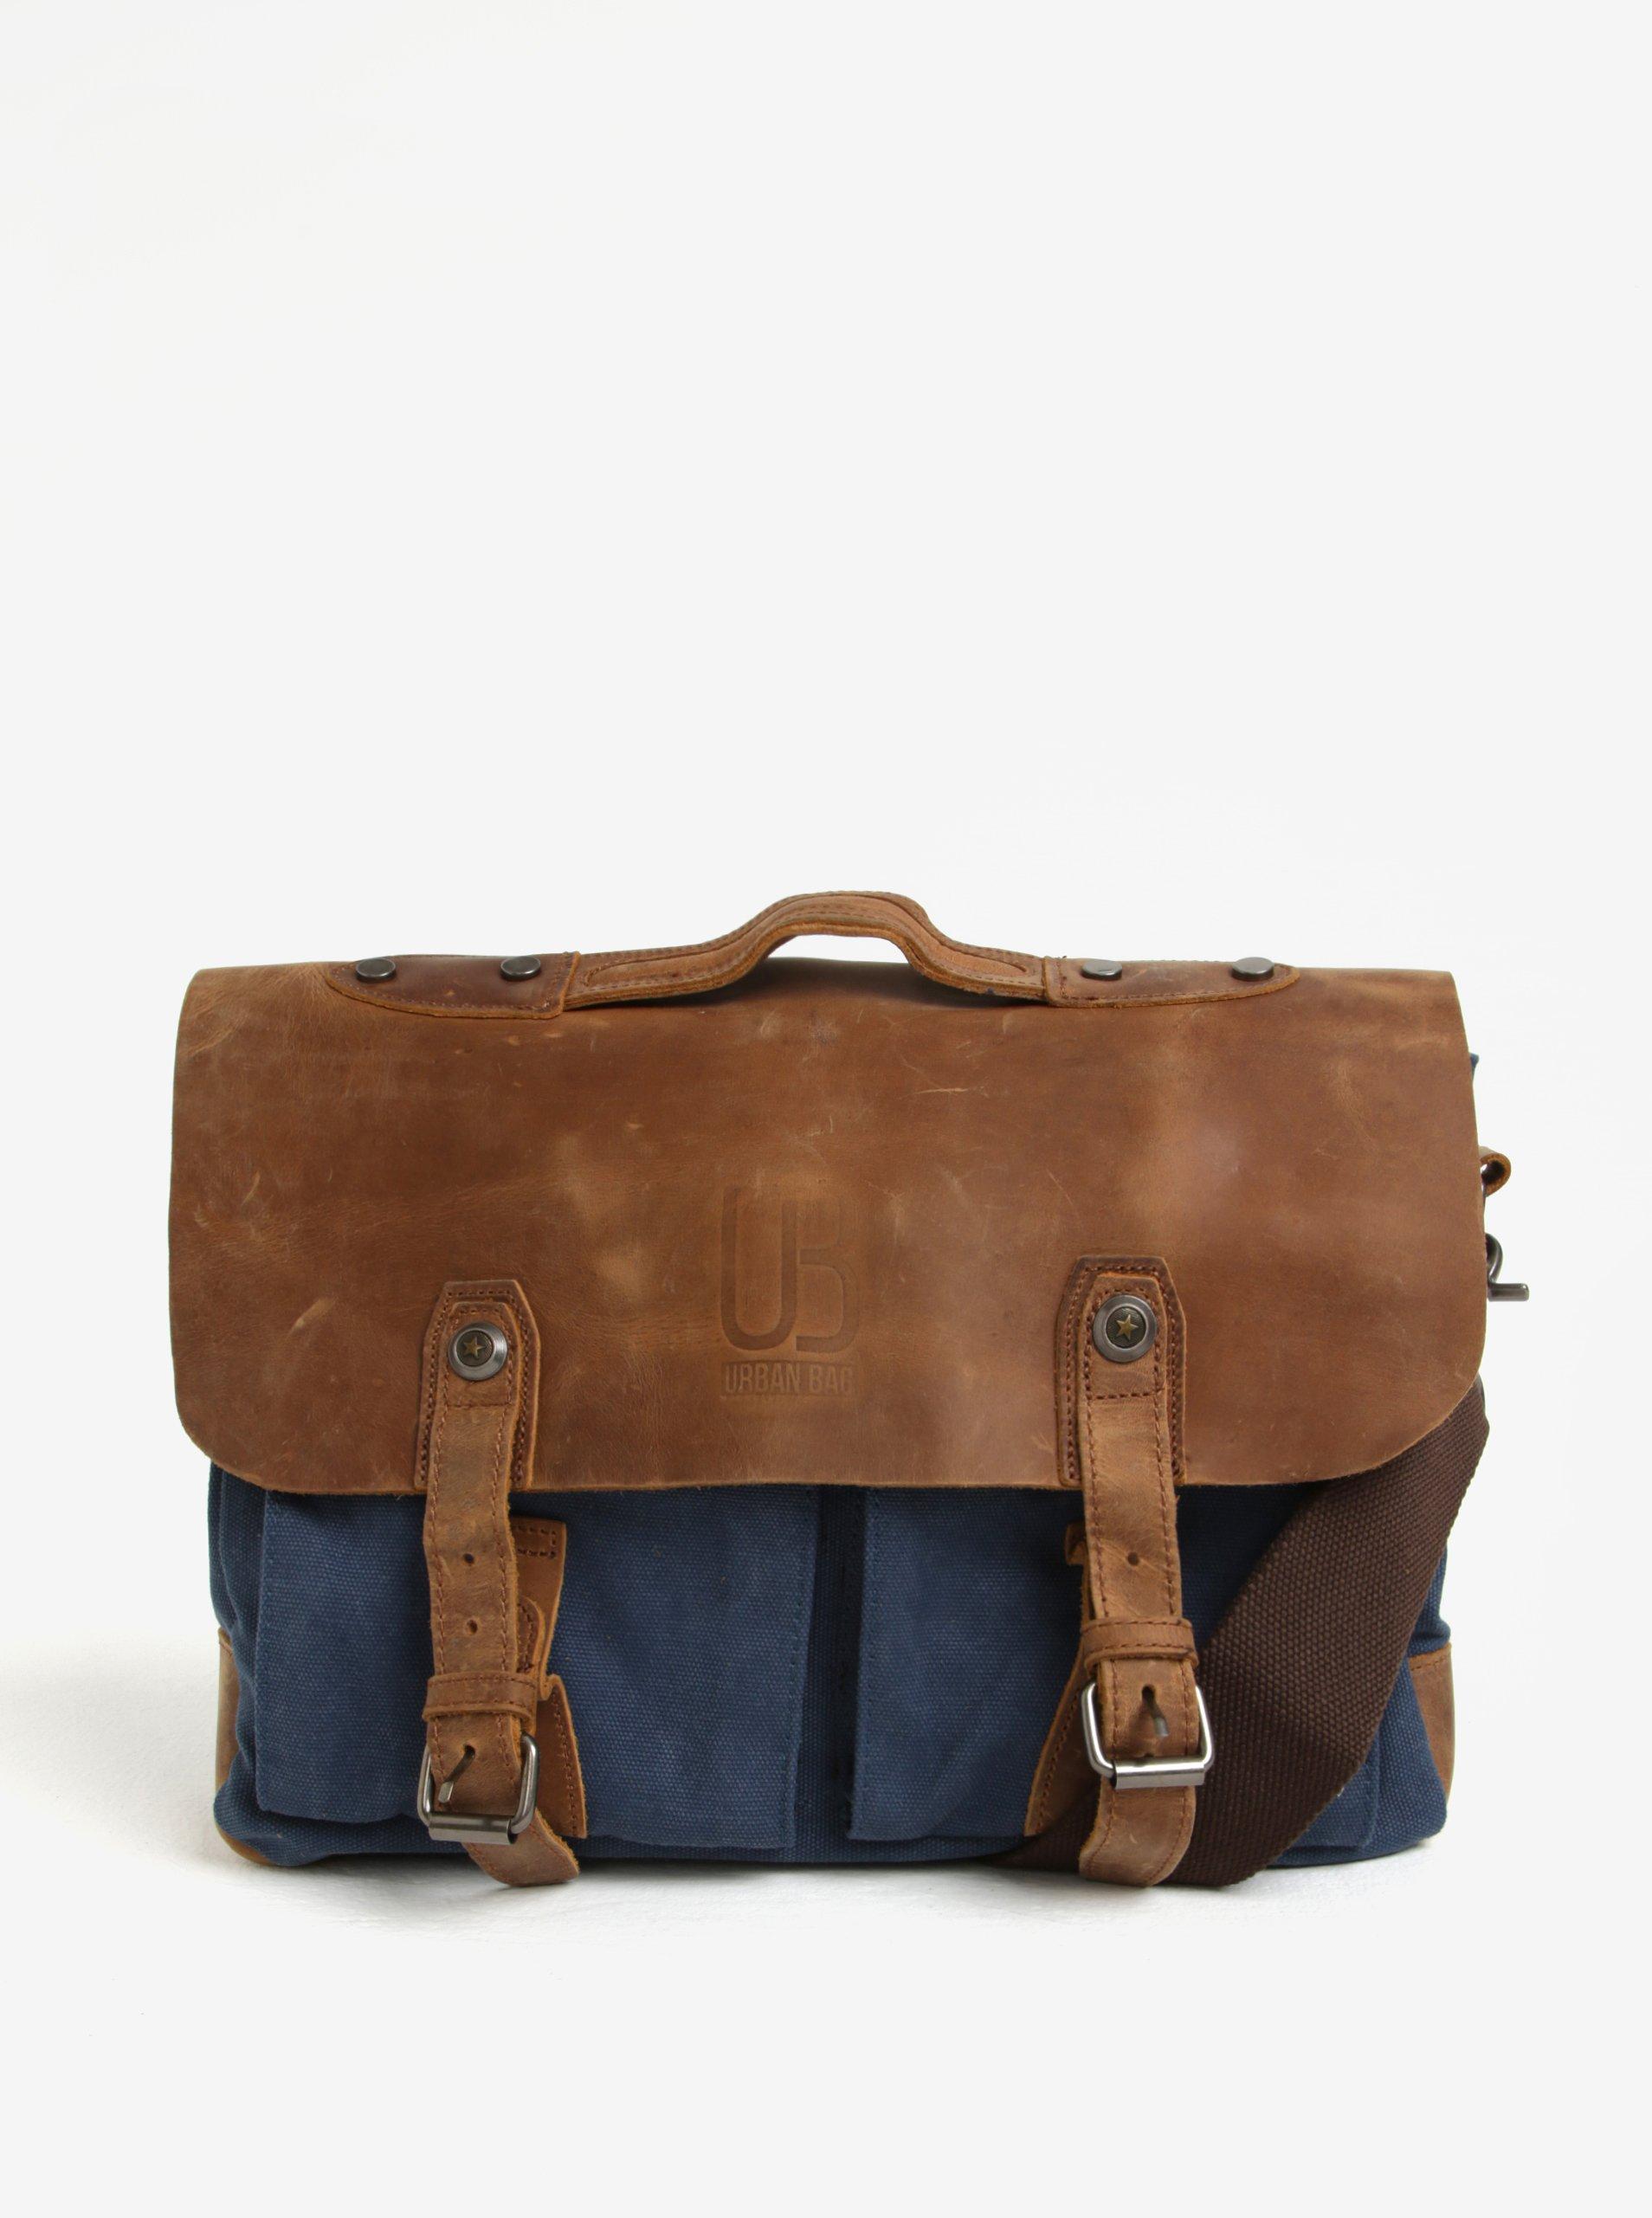 459a5f7074 Hnedo-modrá kožená taška Urban Bag